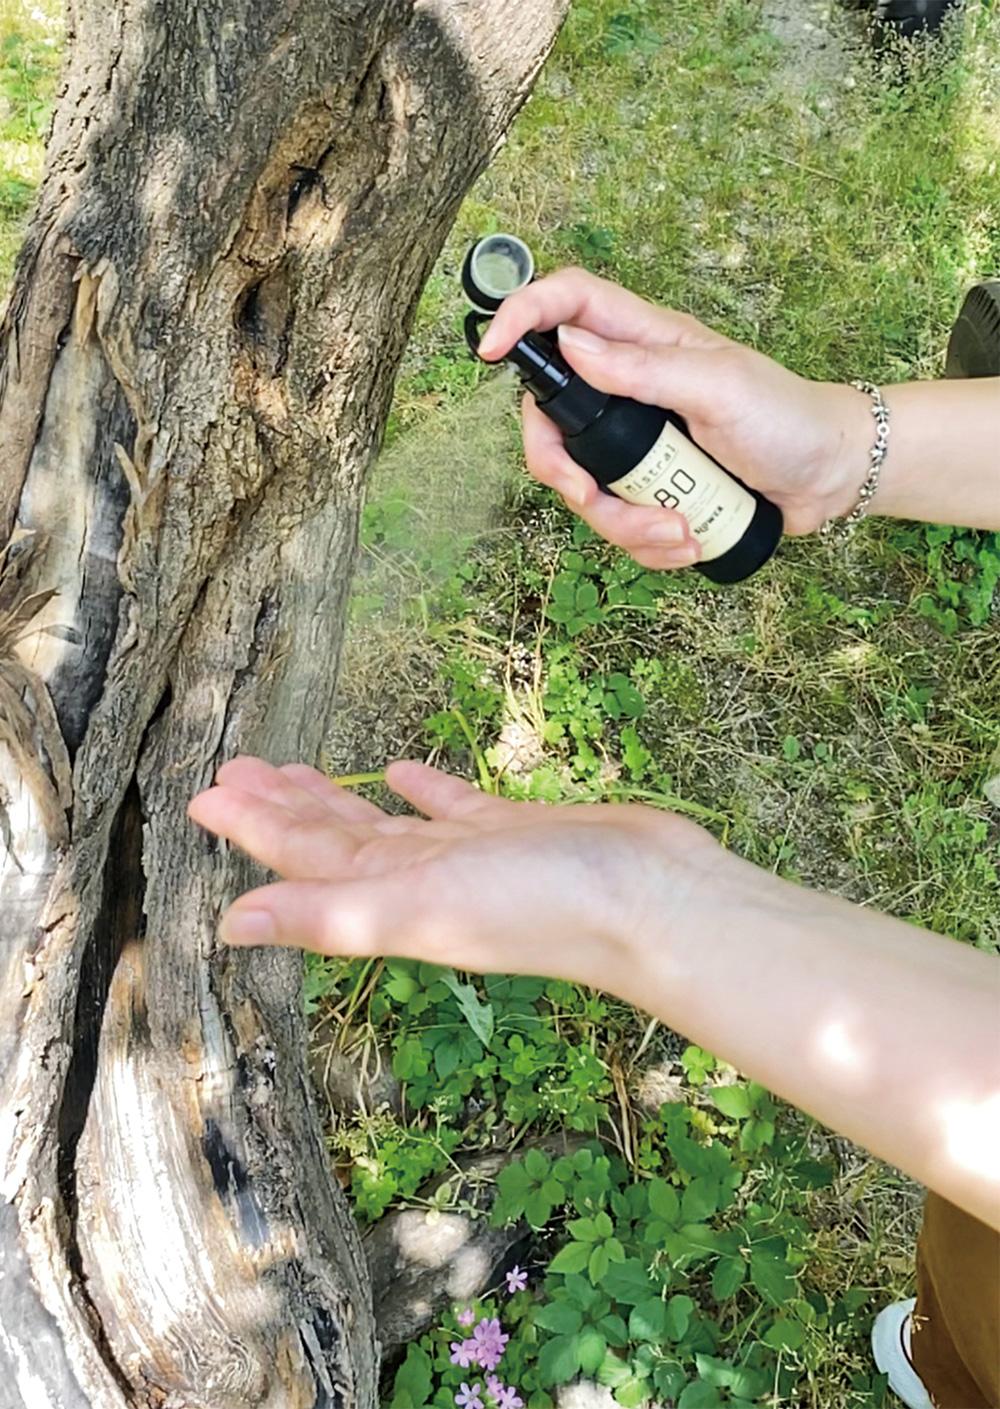 PUMP SPRAY BOTTLE Mistral(ポンプ スプレー ボトル ミストラル)のイメージ写真04